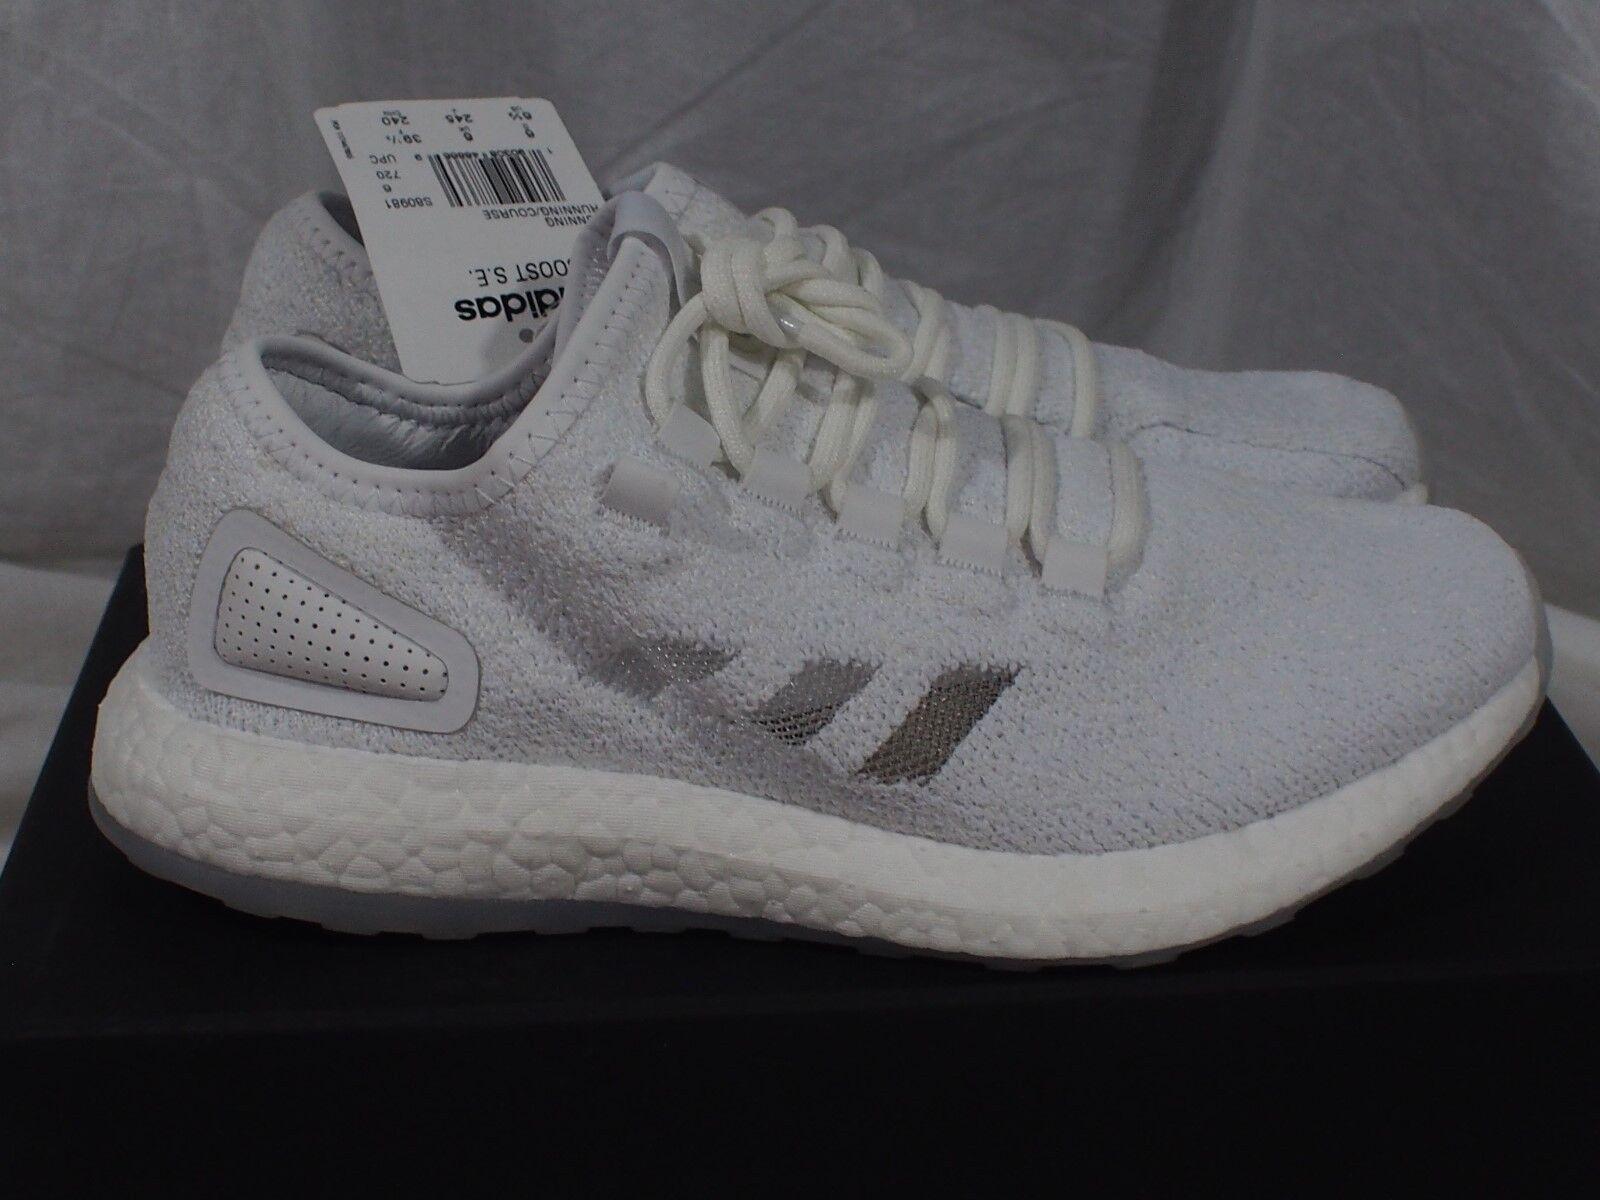 X x x sneakerboy adidas desiderio scarpe adidas sneakerboy scambio puro slancio encefalopatia glow in the dark 06ba0a